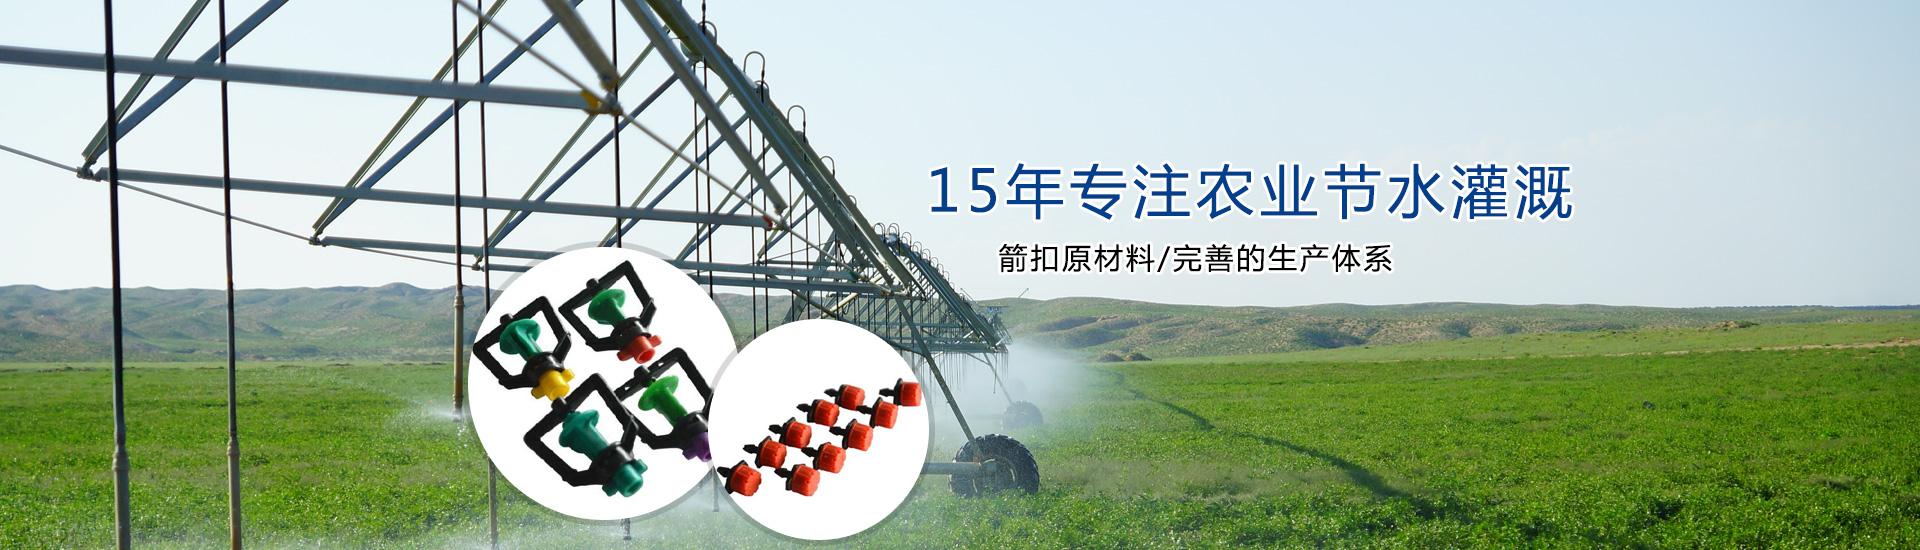 地埋喷灌,自动化灌溉,智能灌溉,石家庄地埋喷灌,石家庄自动化灌溉,石家庄智能灌溉